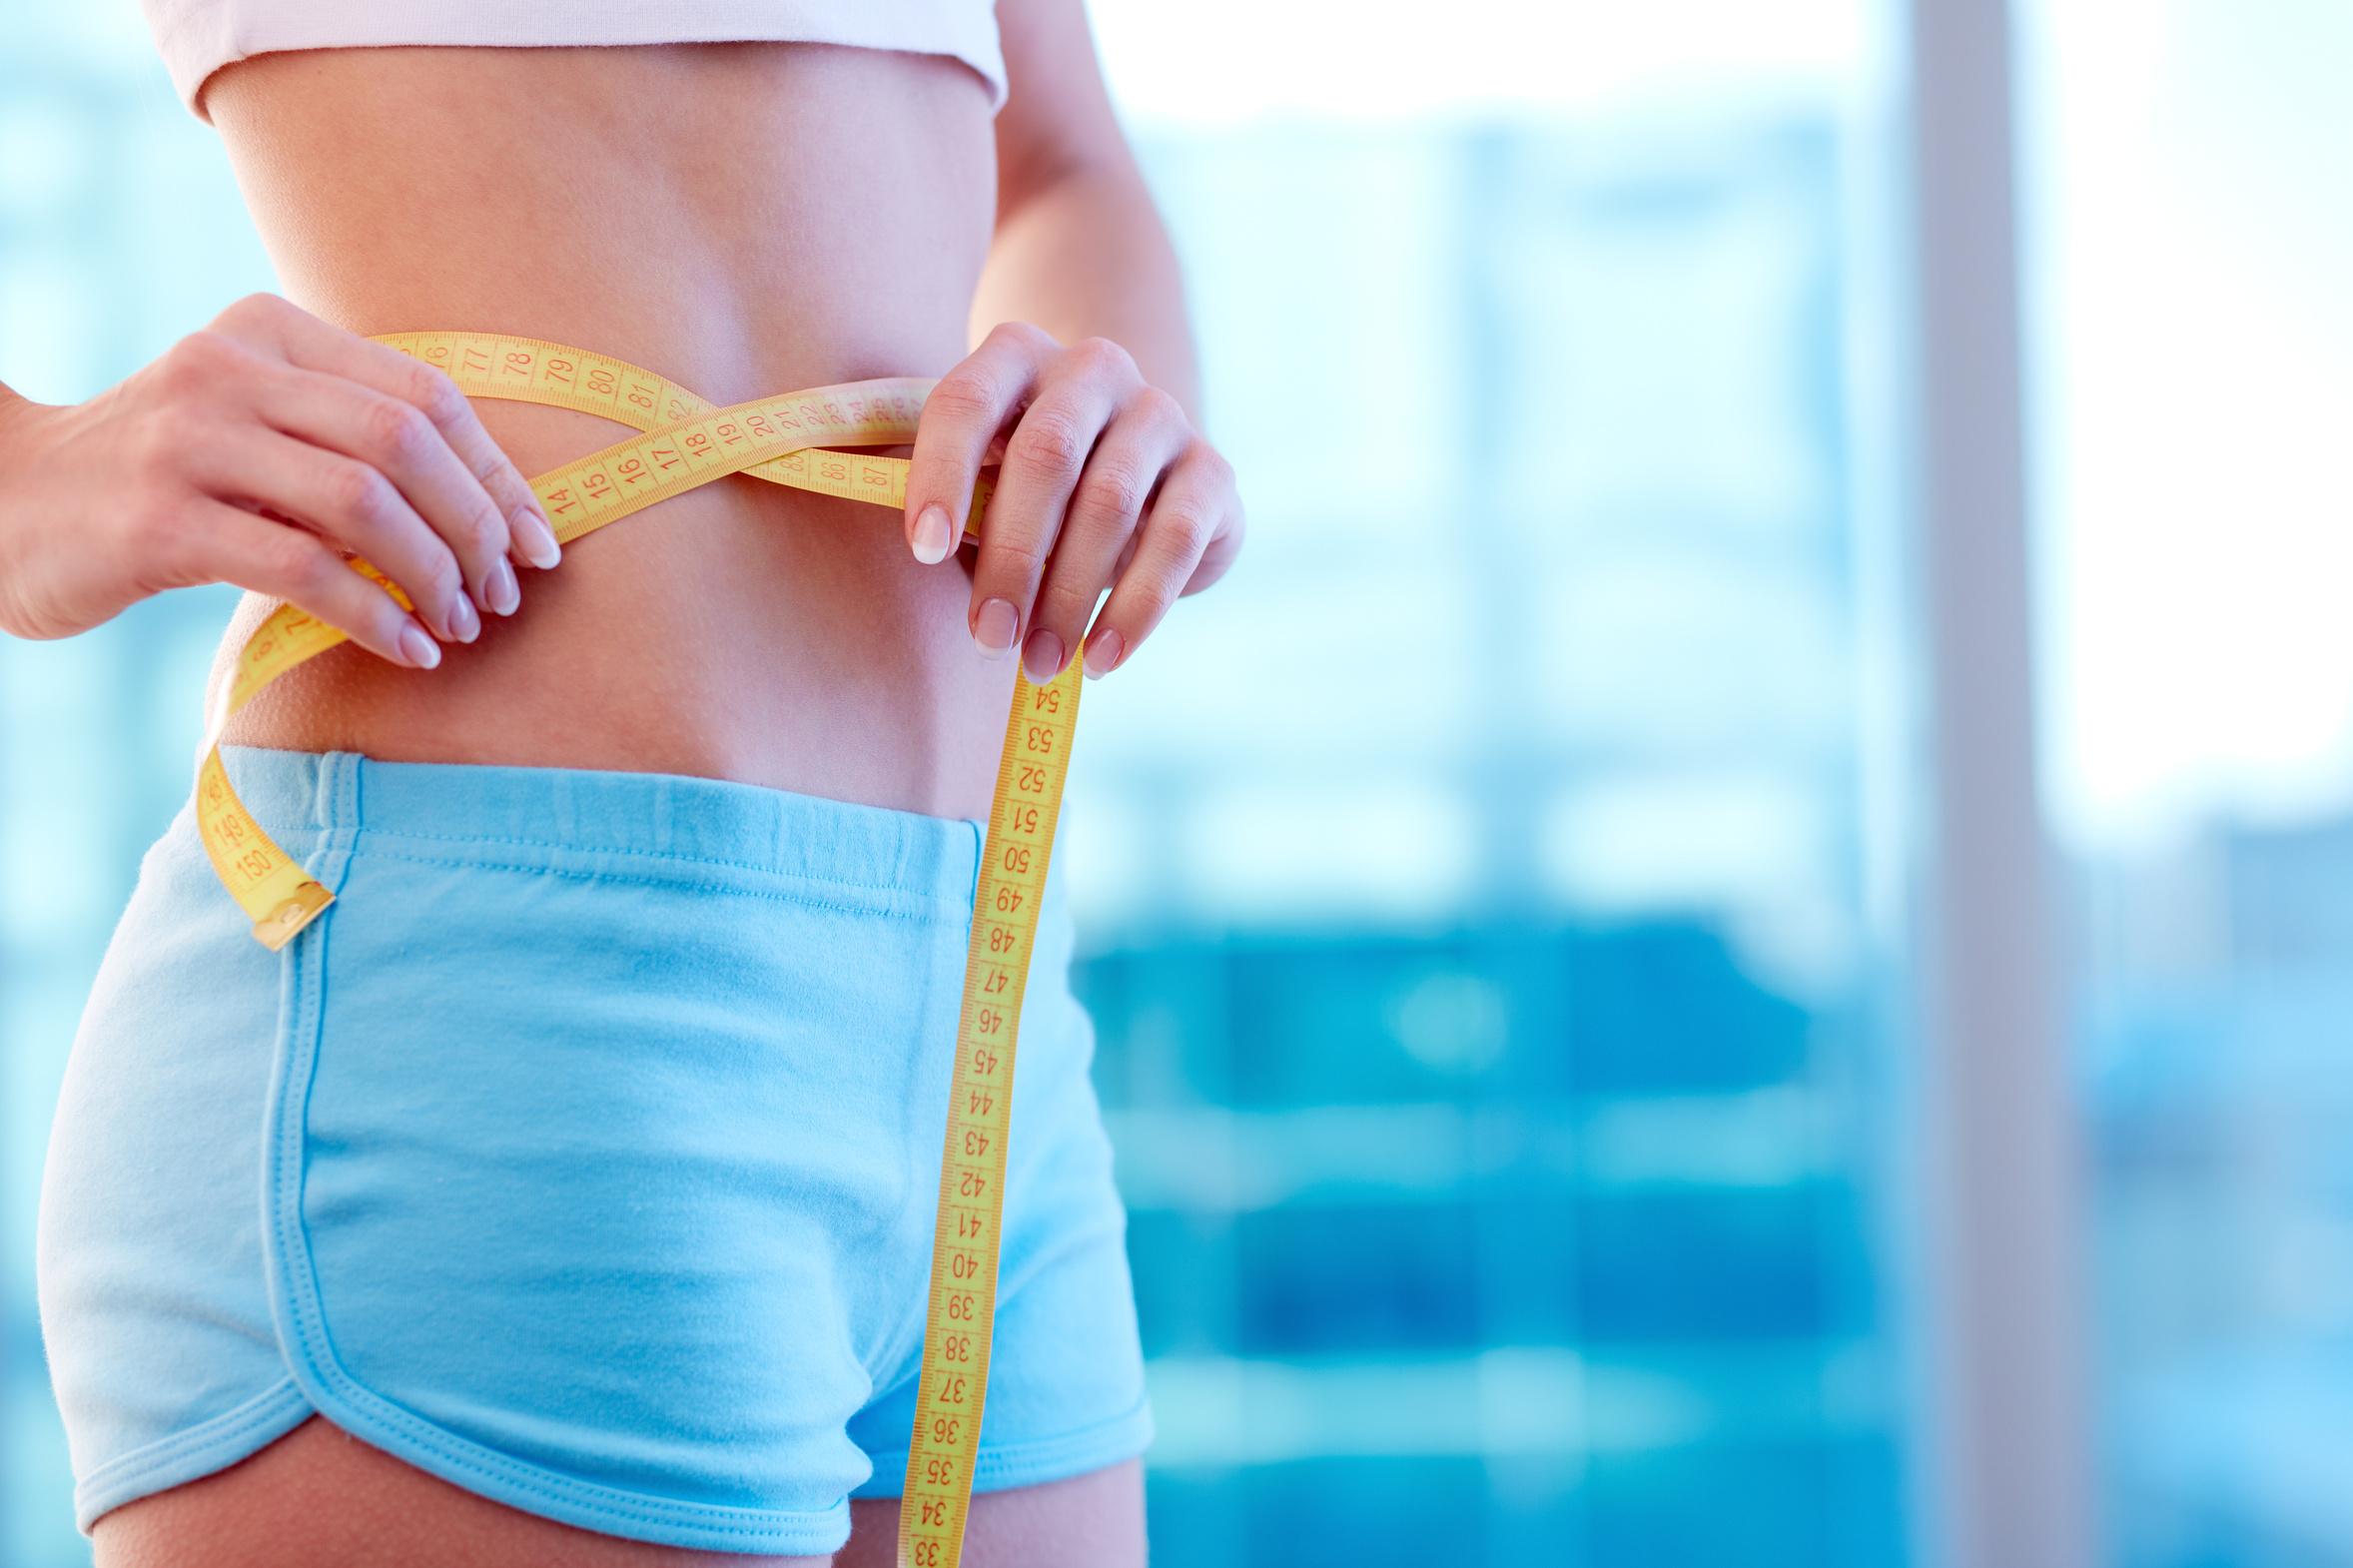 maximális fogyás hetente kg